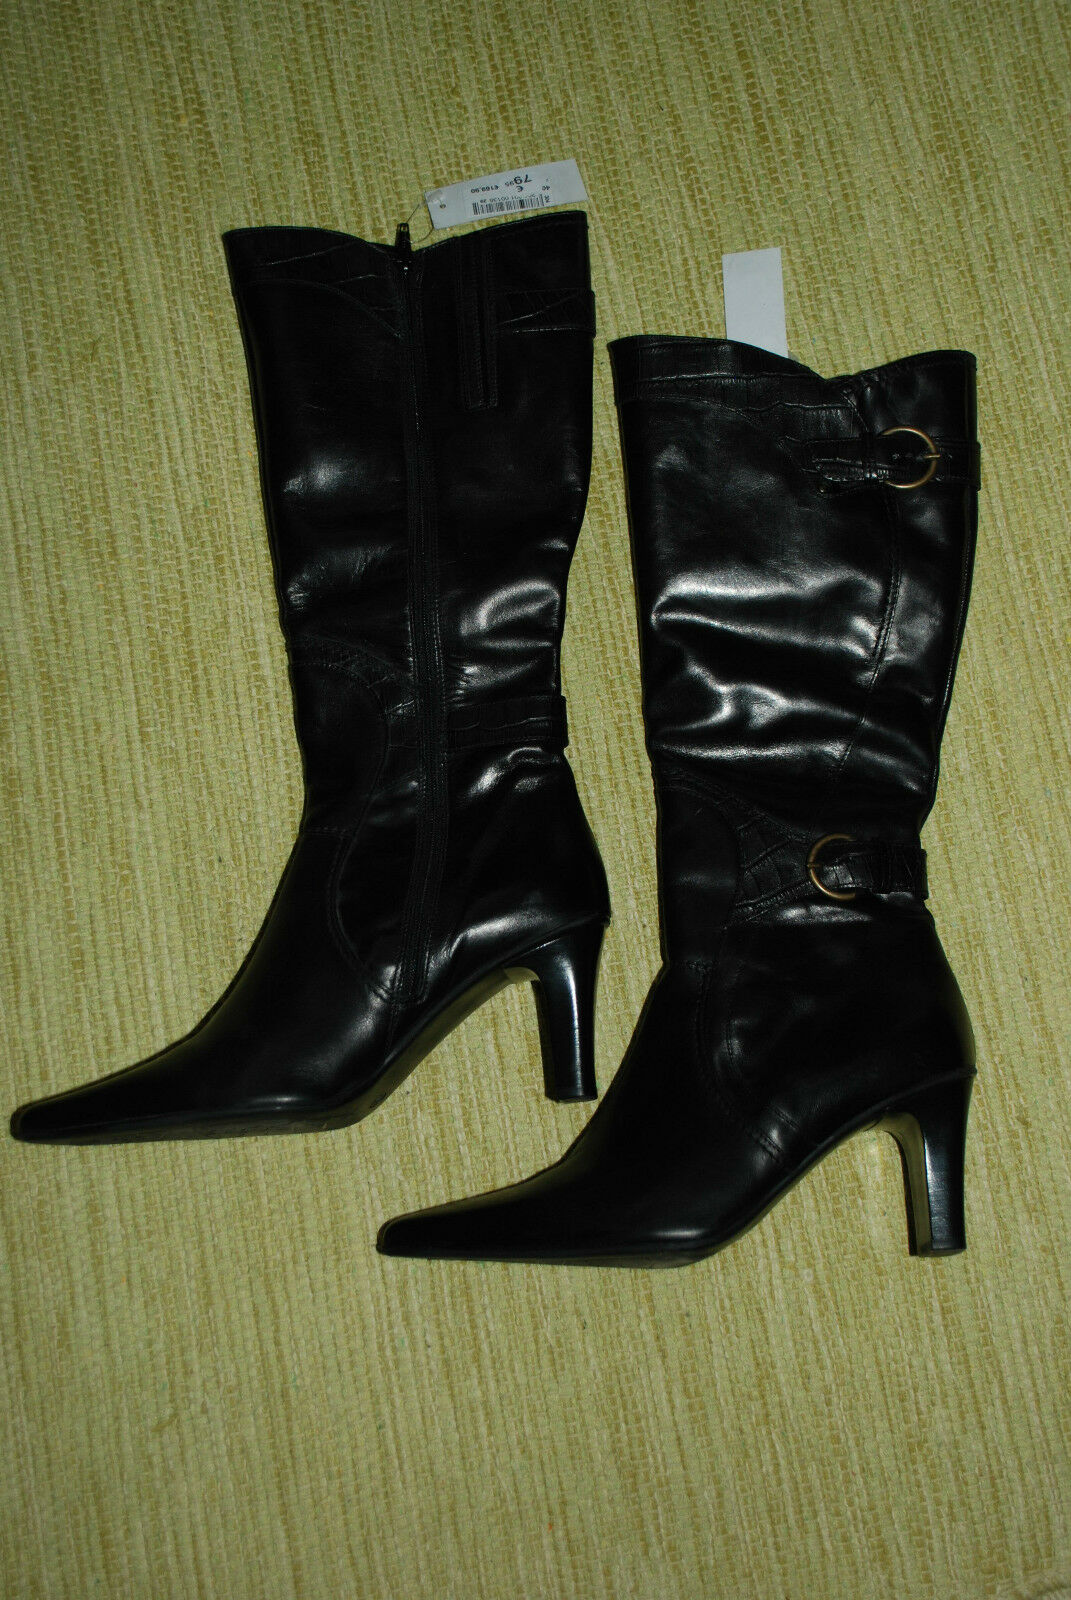 Neu DI damen sexy Stiefel aus Leder SCHWARZ schwarz m. Absatz Lederstiefel Gr. 40